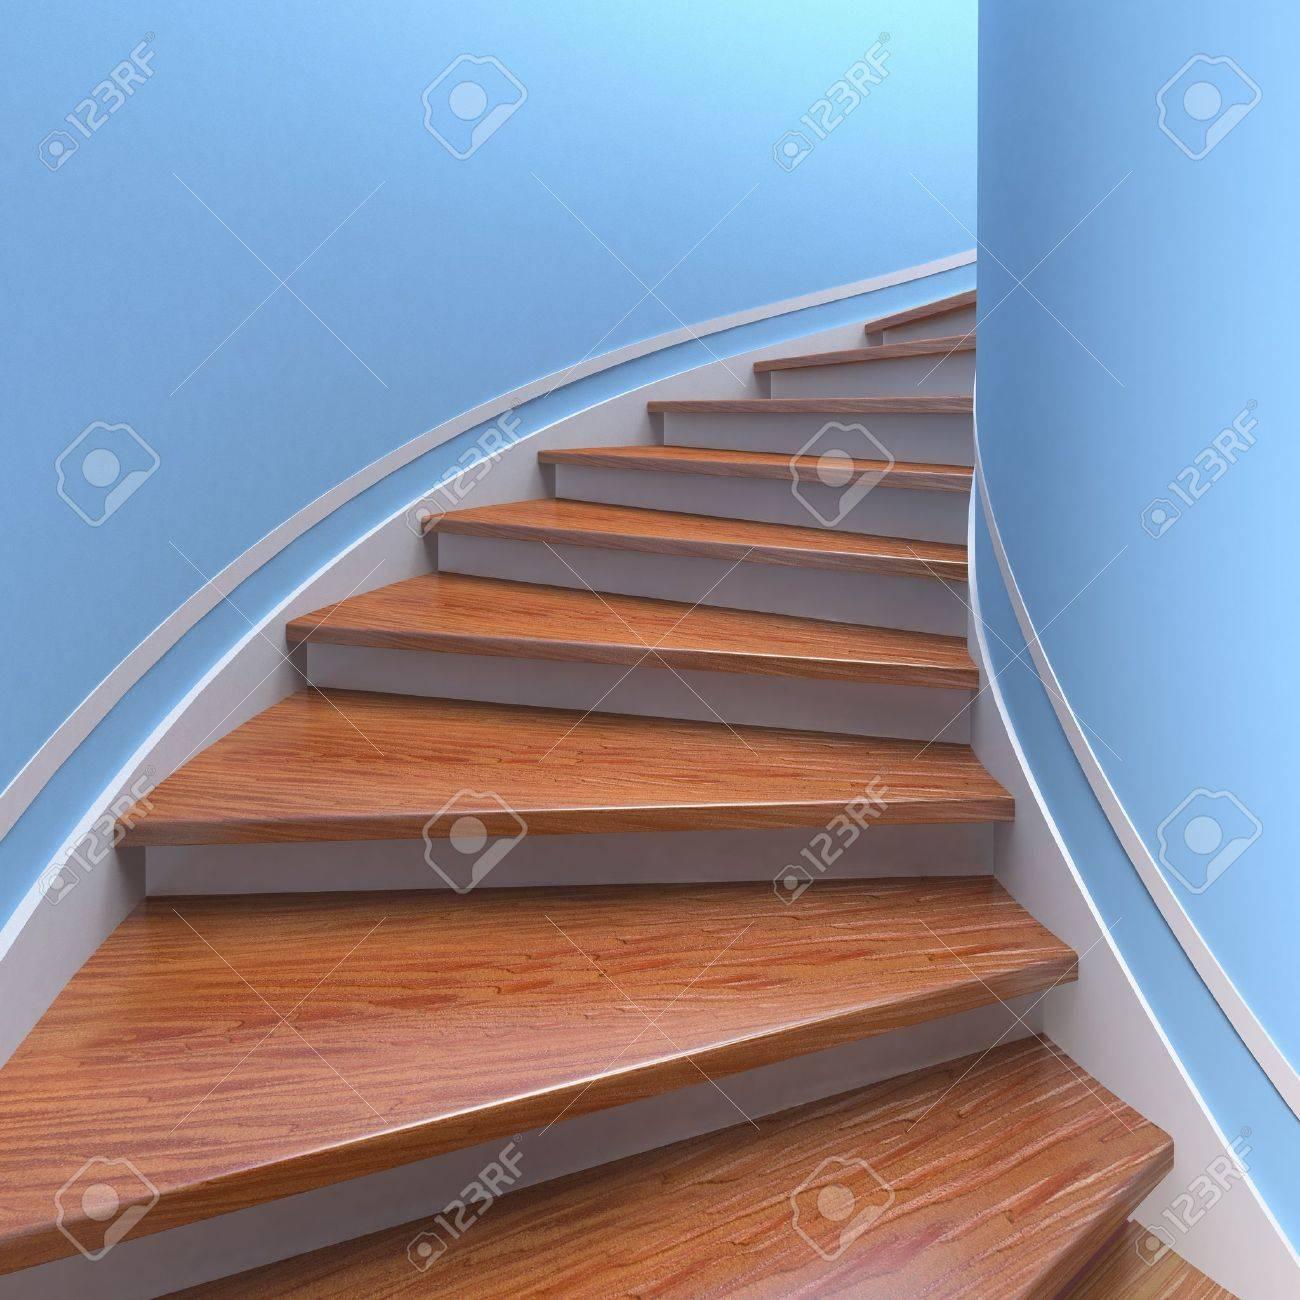 escaleras de caracol de madera d foto de archivo